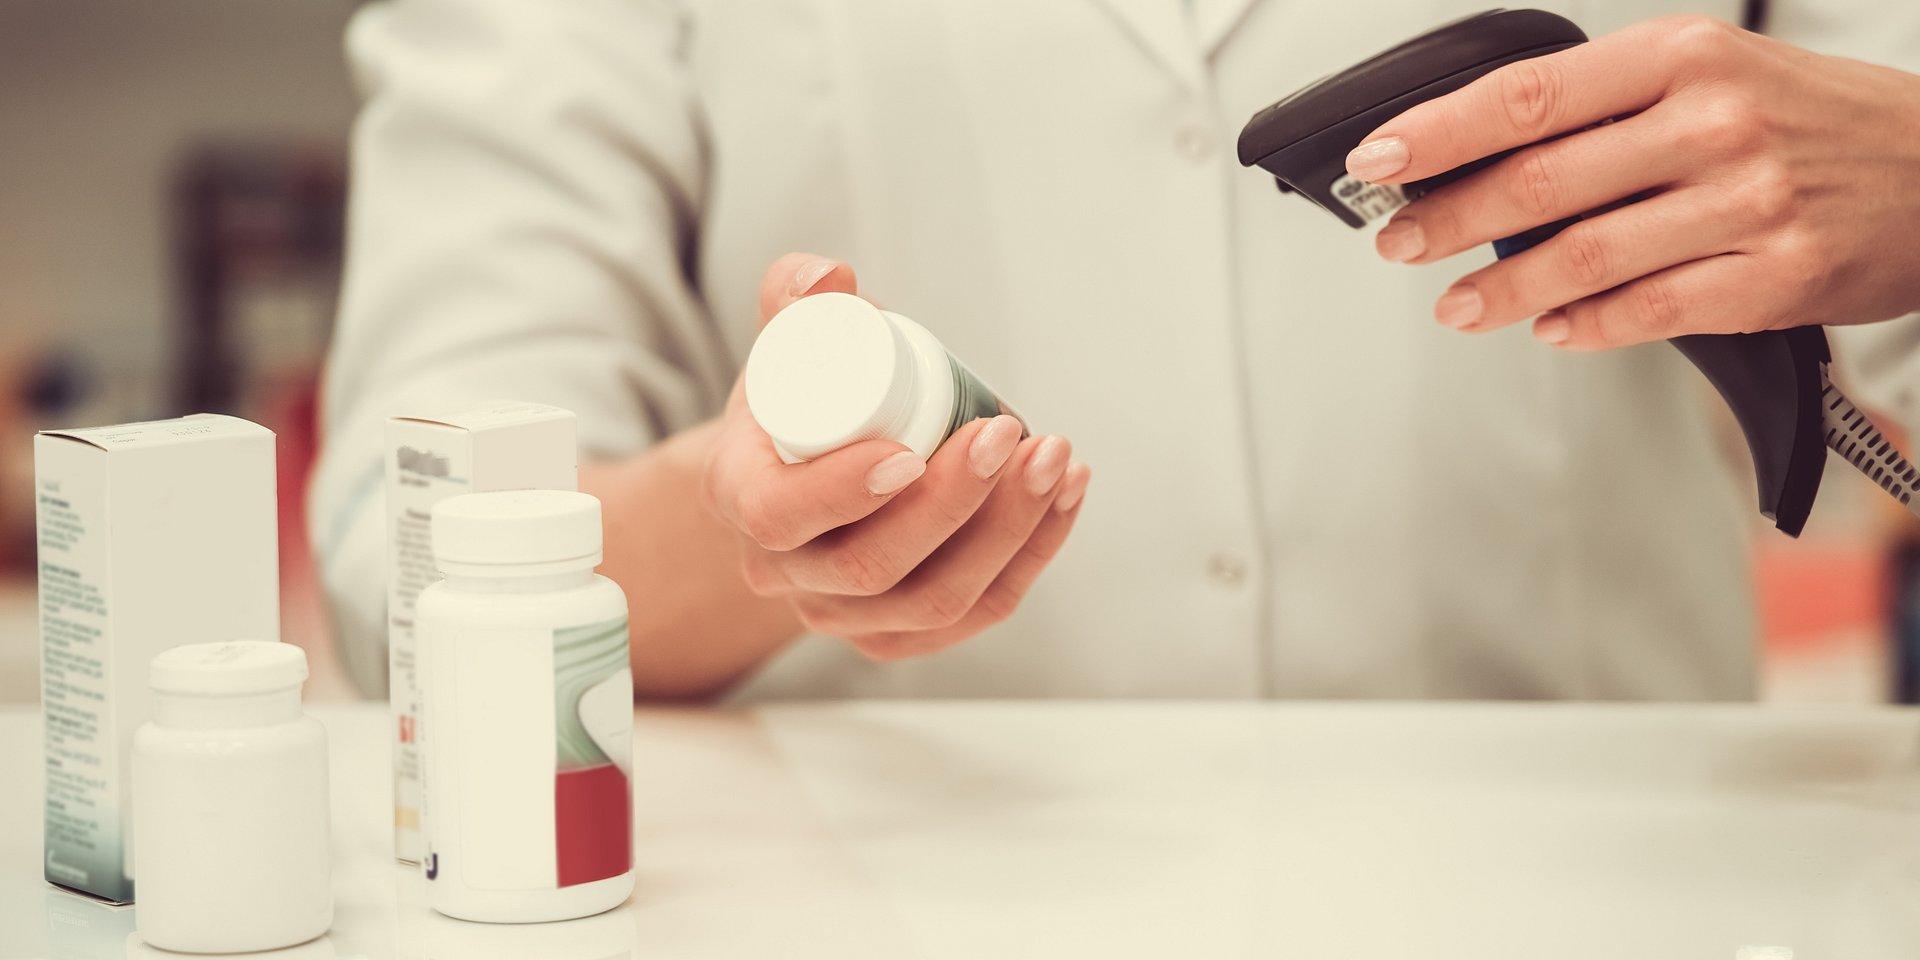 W aptekach większy ruch pacjentów i mniej rąk do pracy